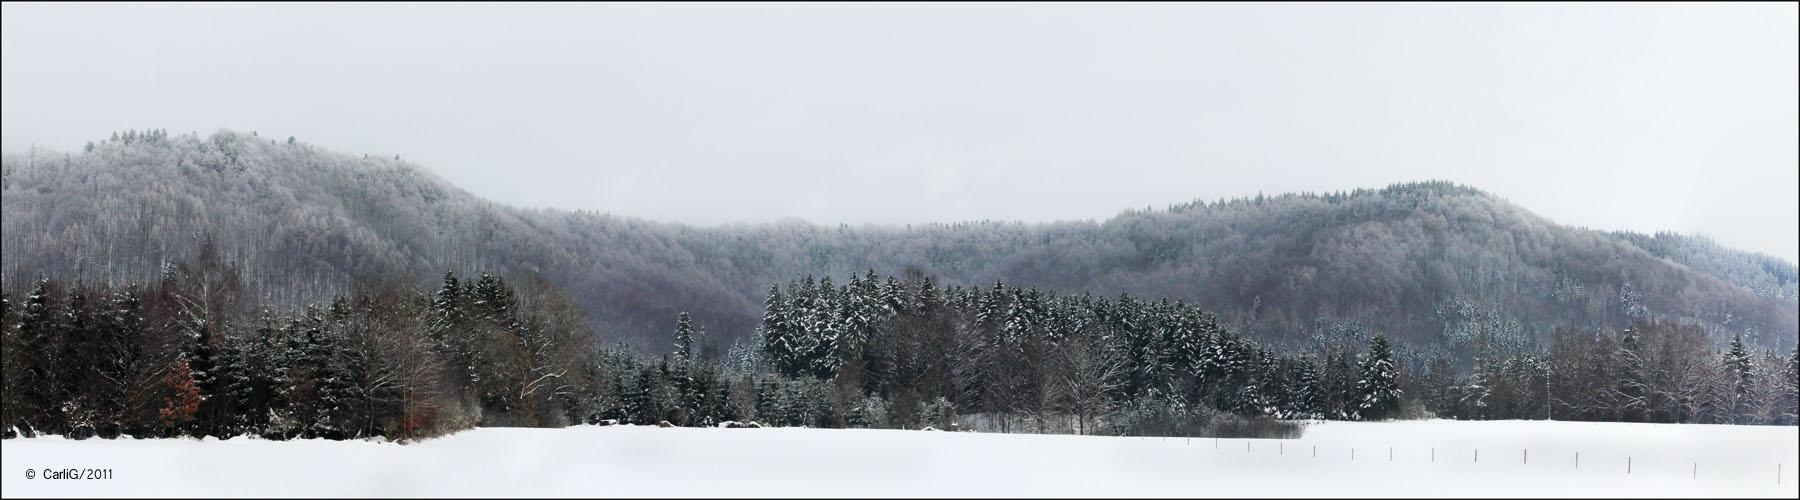 Bilder meiner Landschaft #07